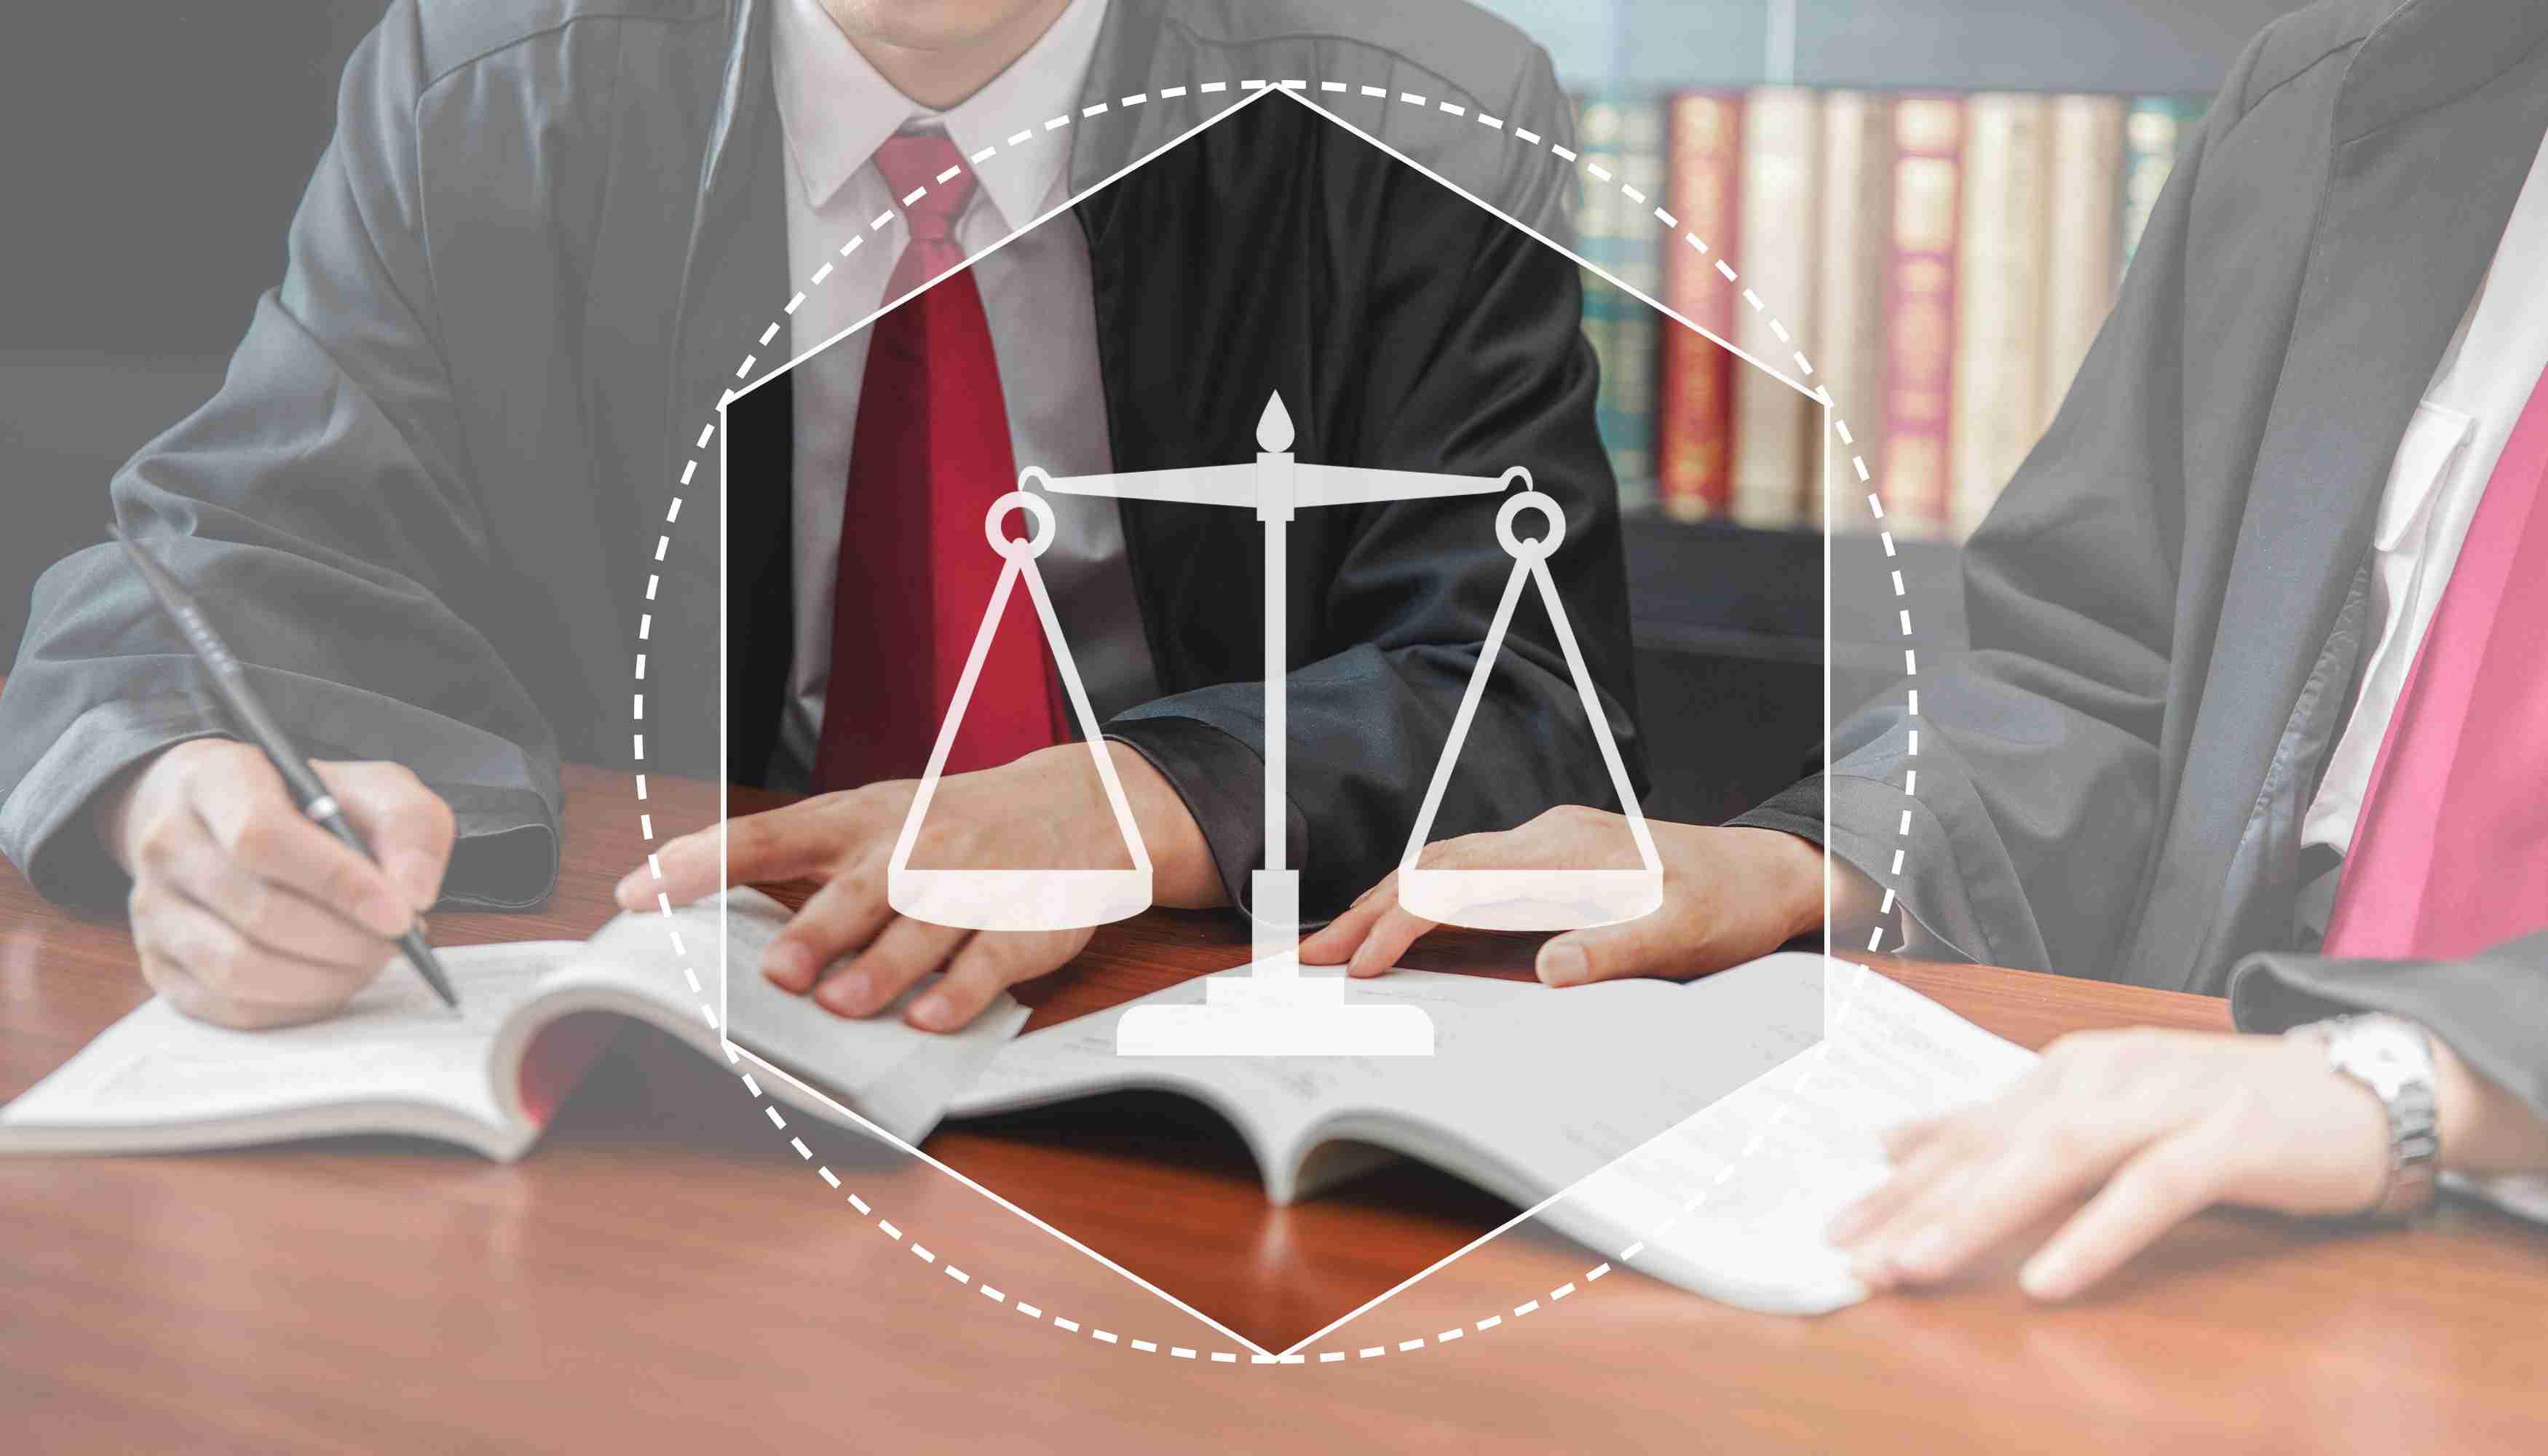 专利侵权能够使用专利无效吗